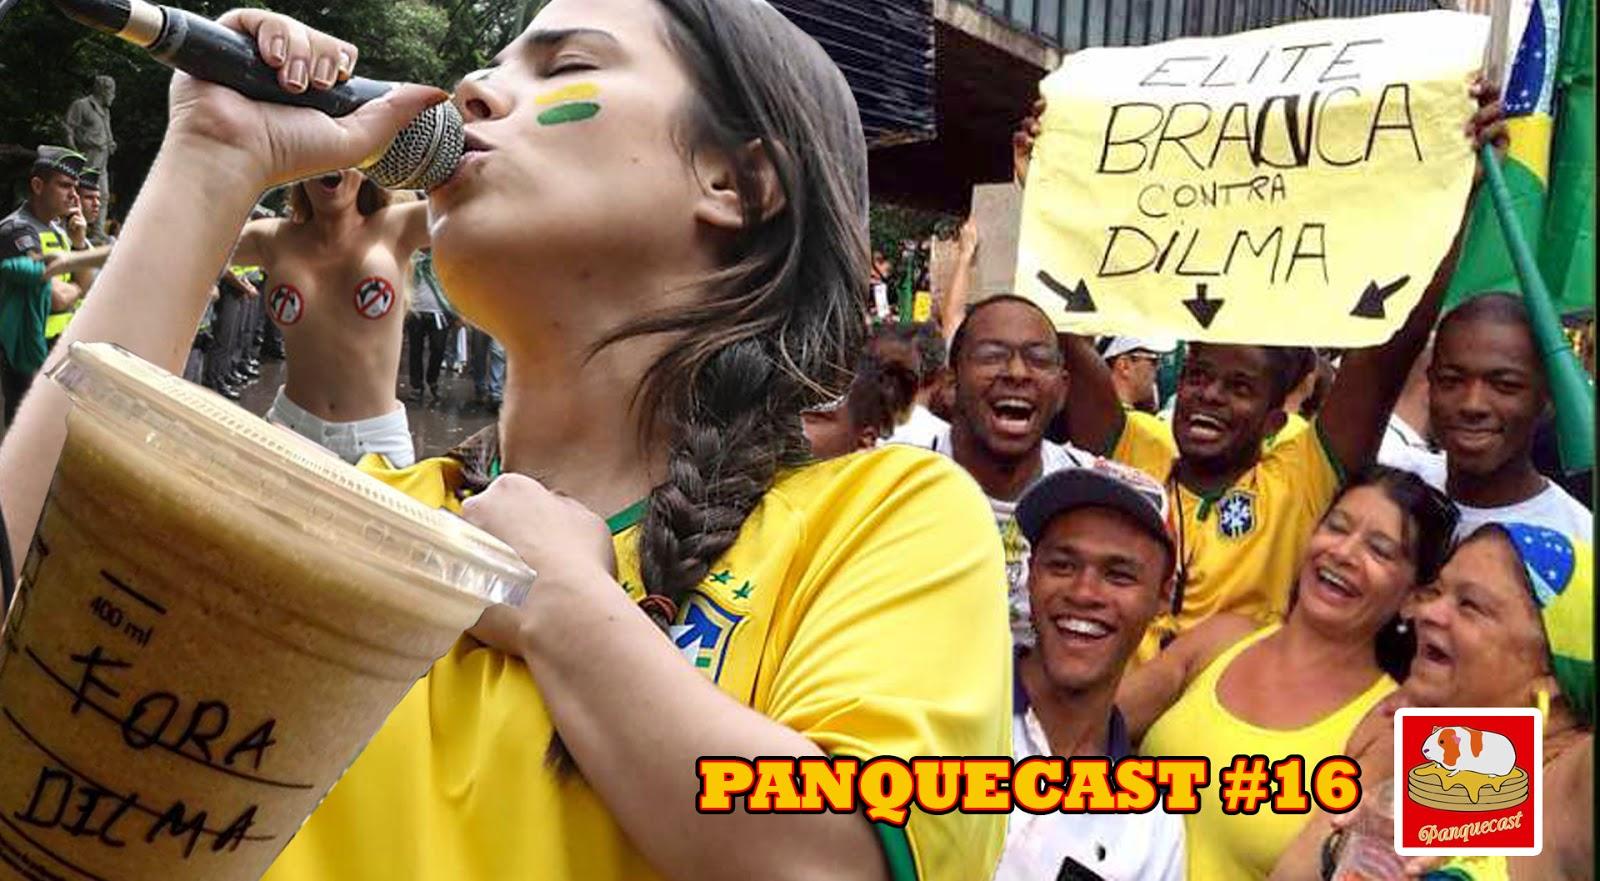 Panquecast #16